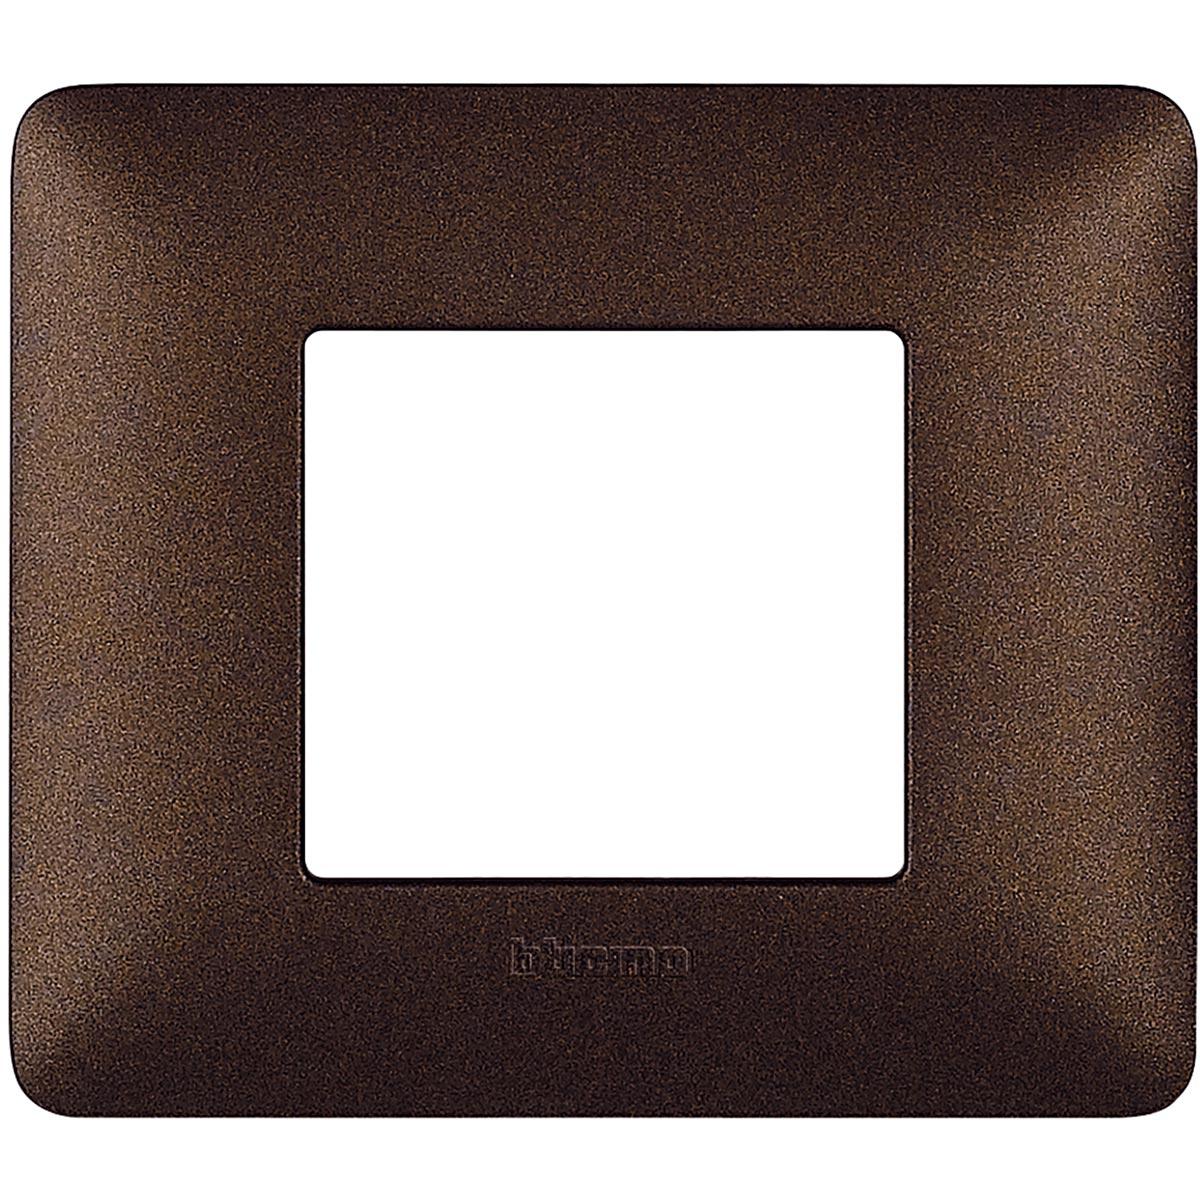 Placca 2 Moduli Marrone Caffè Bticino Matix AM4802TGG